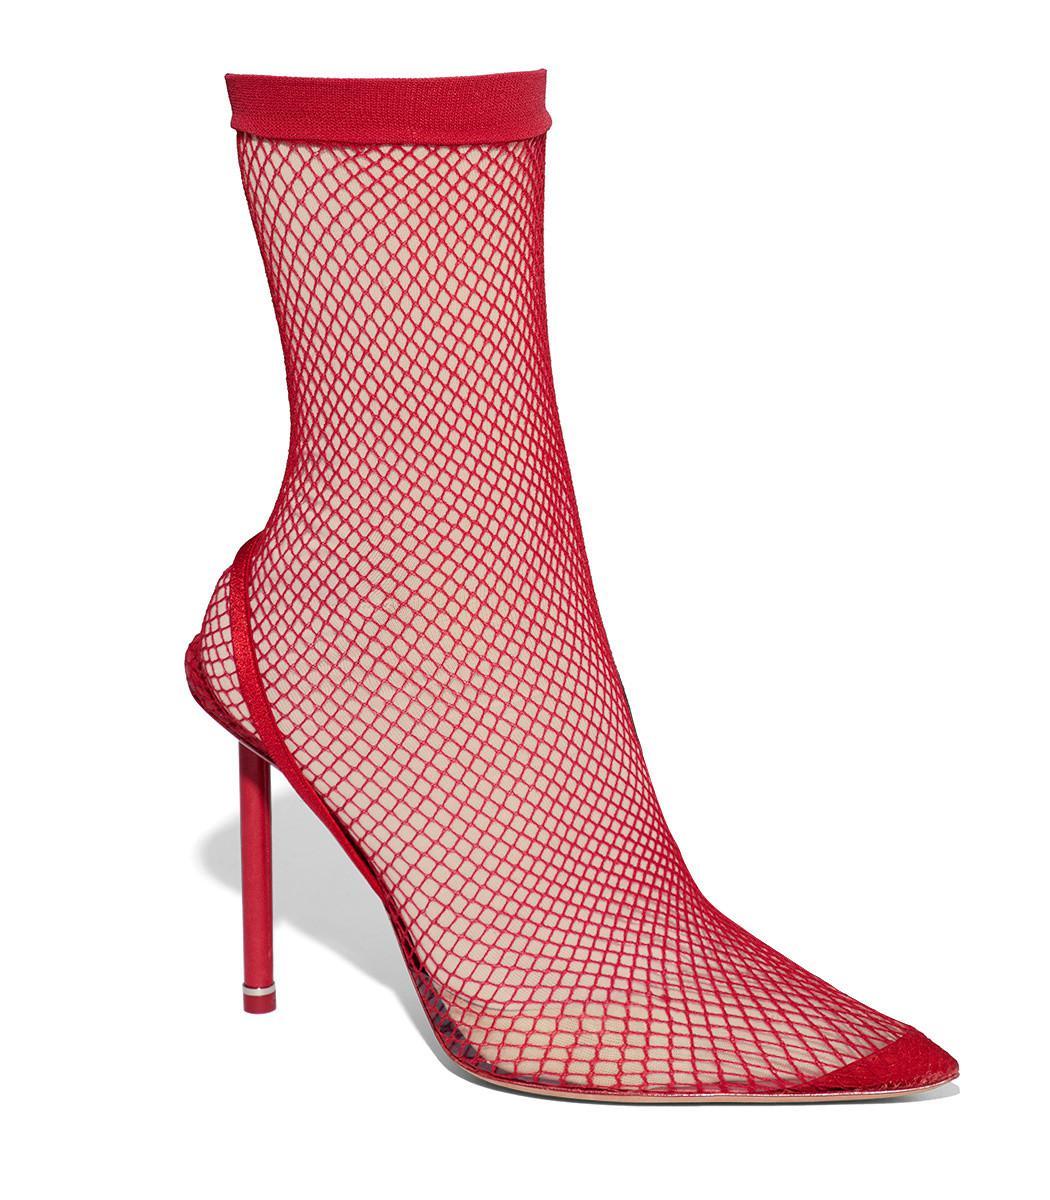 b24a64c298e Alexander Wang Red Caden Fishnet Ankle Boots